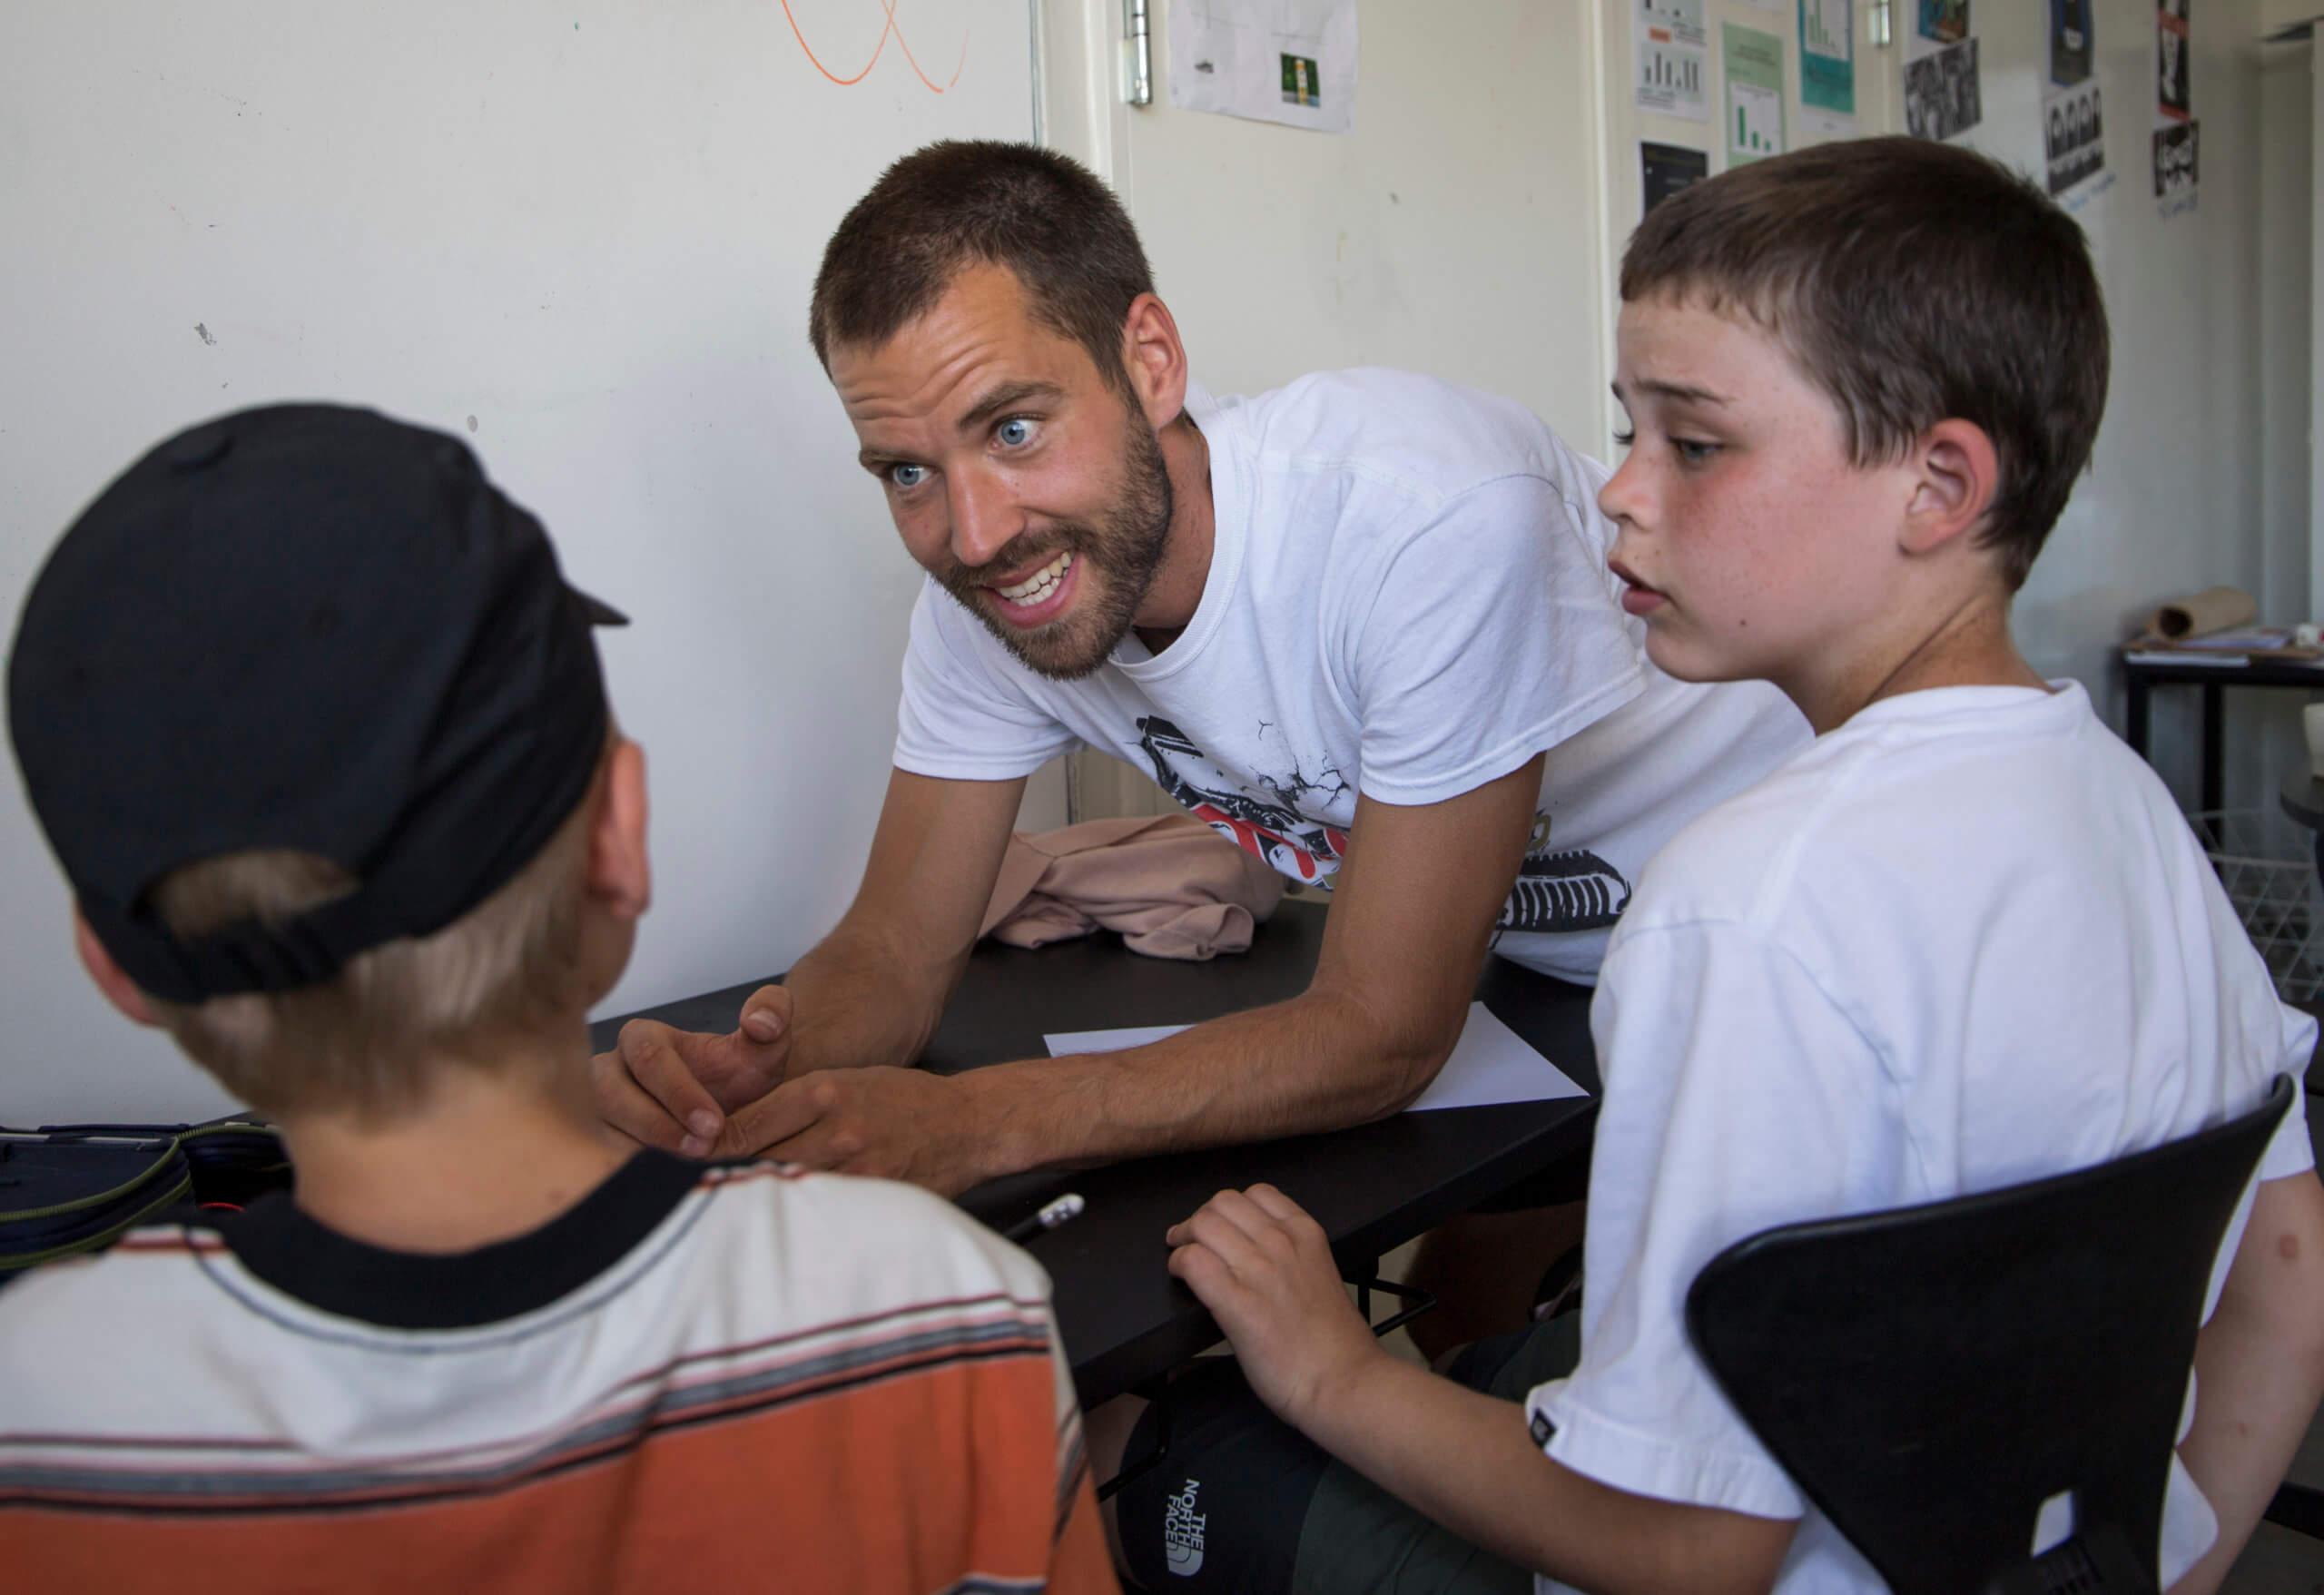 Lærer står ved bord og taler med to elever